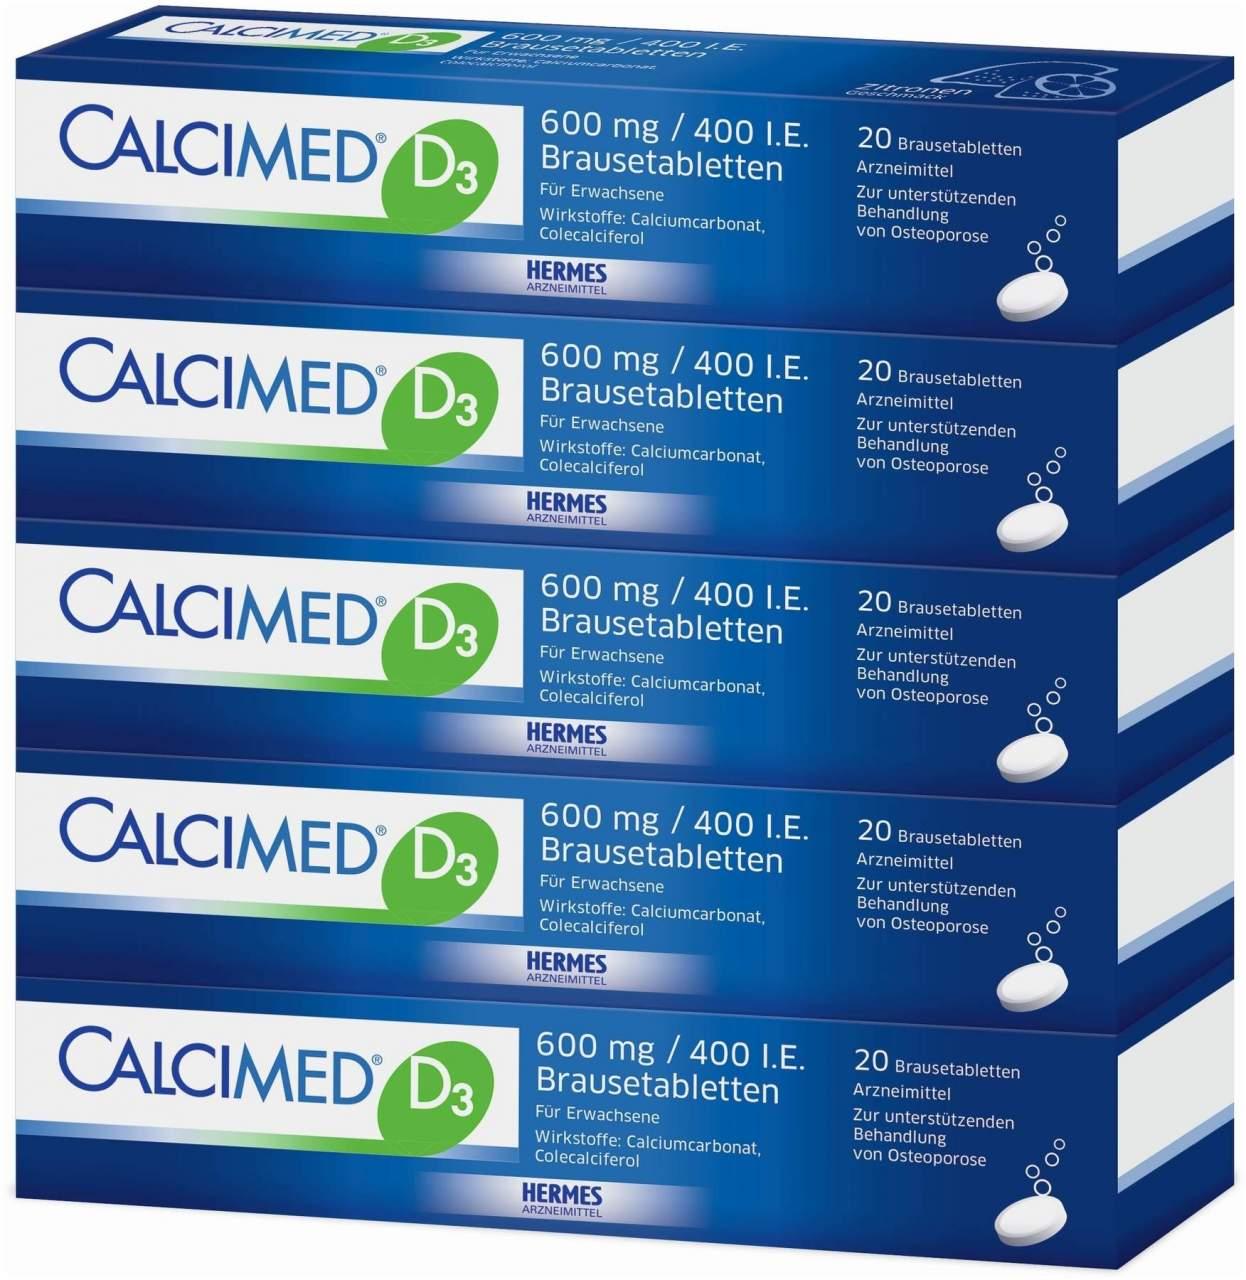 Calcimed D3 600 mg 400 I.E. 100 Brausetabletten